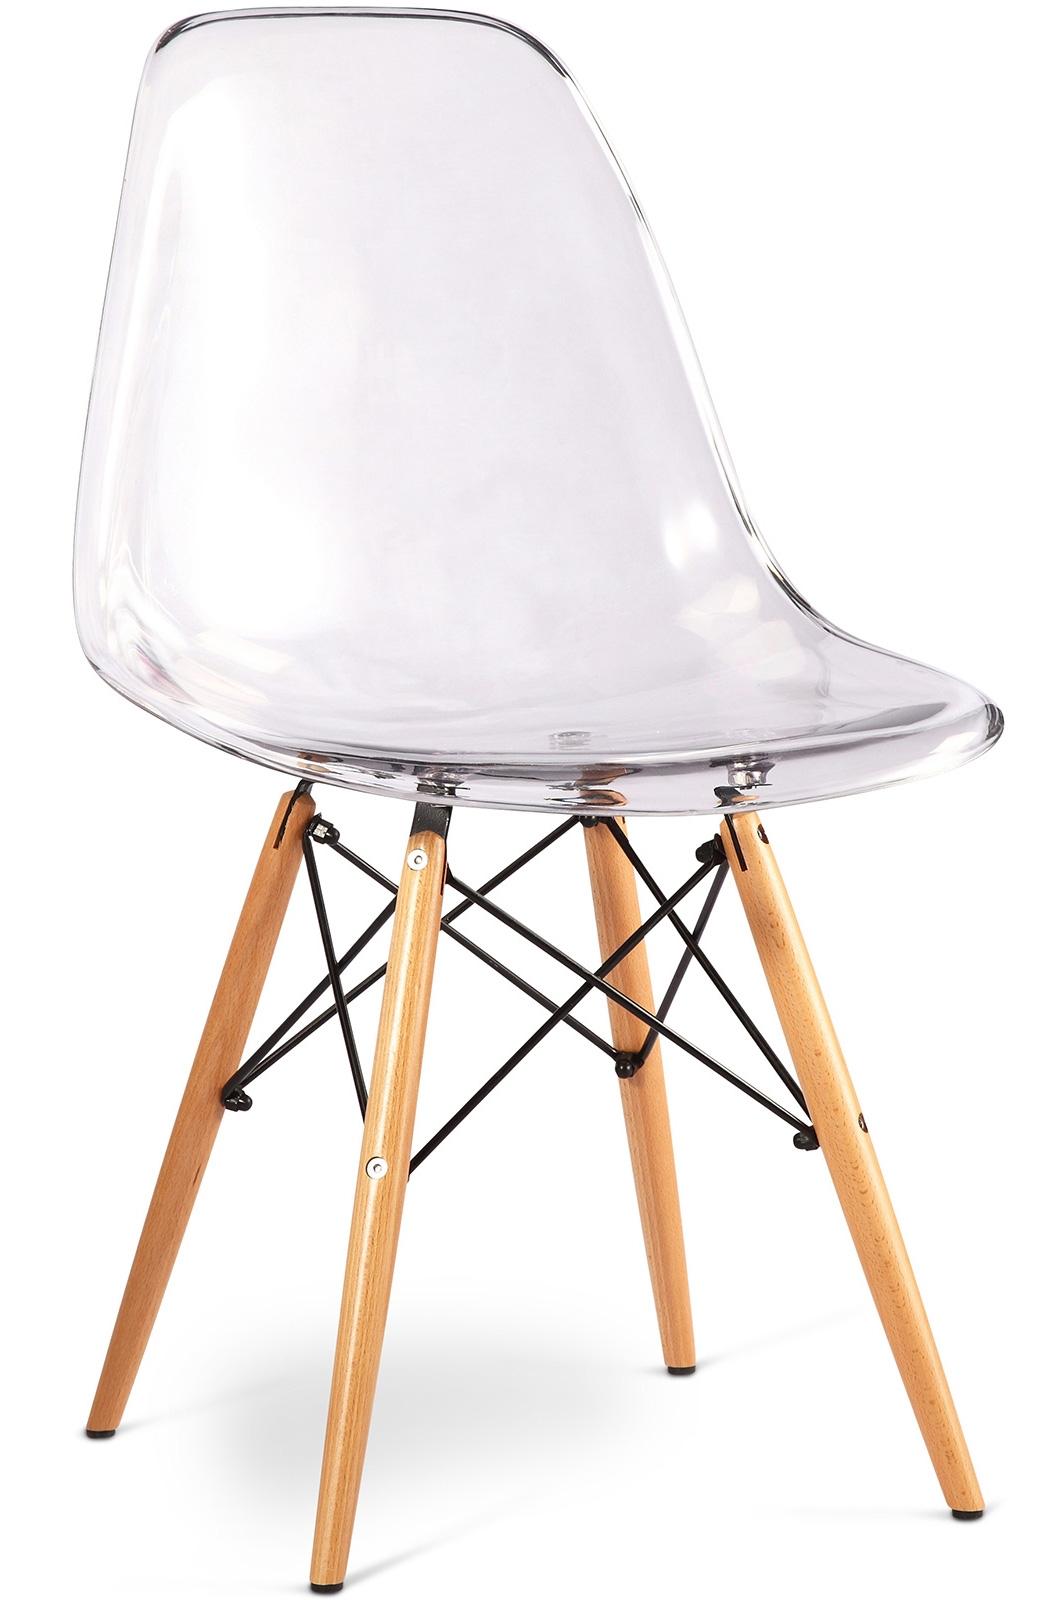 chaise transparente et pieds bois clair inspire dsw - Chaise Transparente